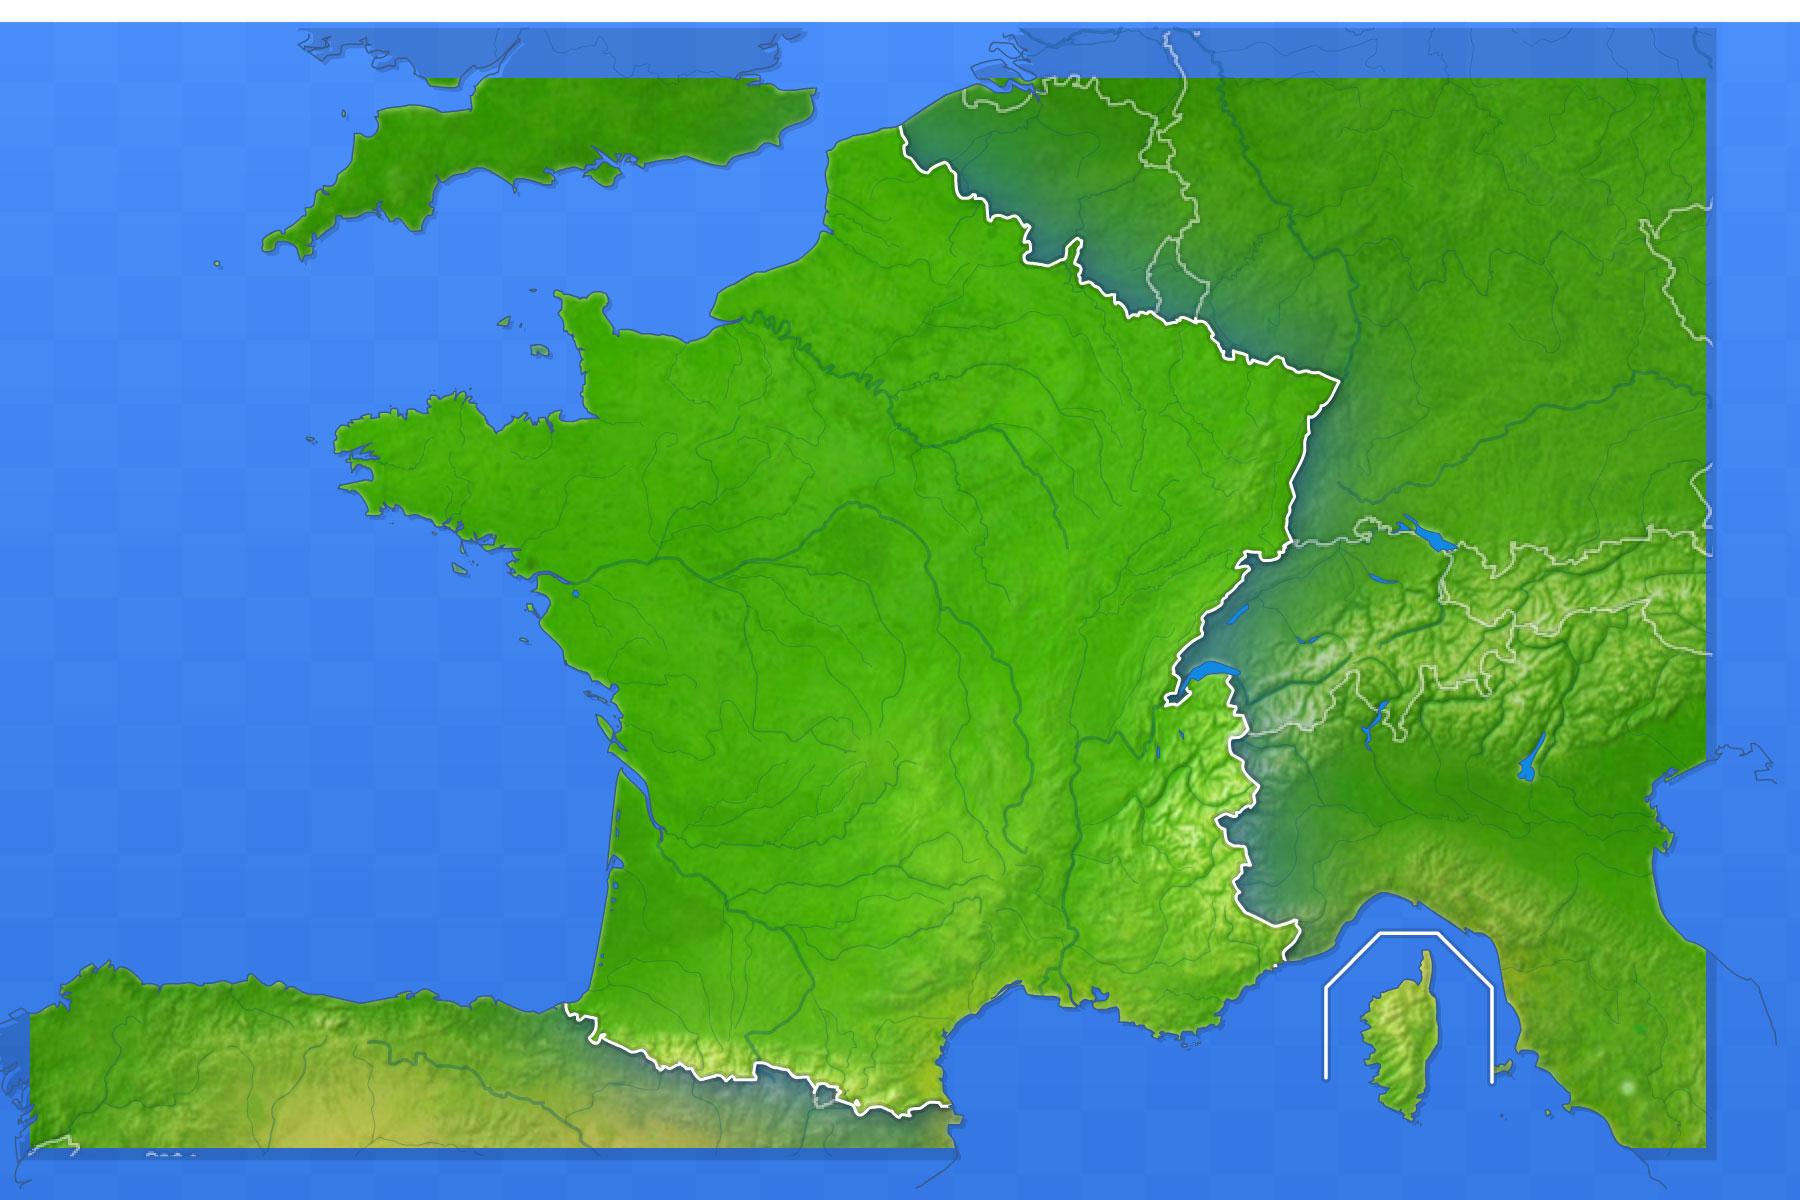 Jeux-Geographiques Jeux Gratuits Jeu Villes De France concernant Jeu Geographie Ville De France